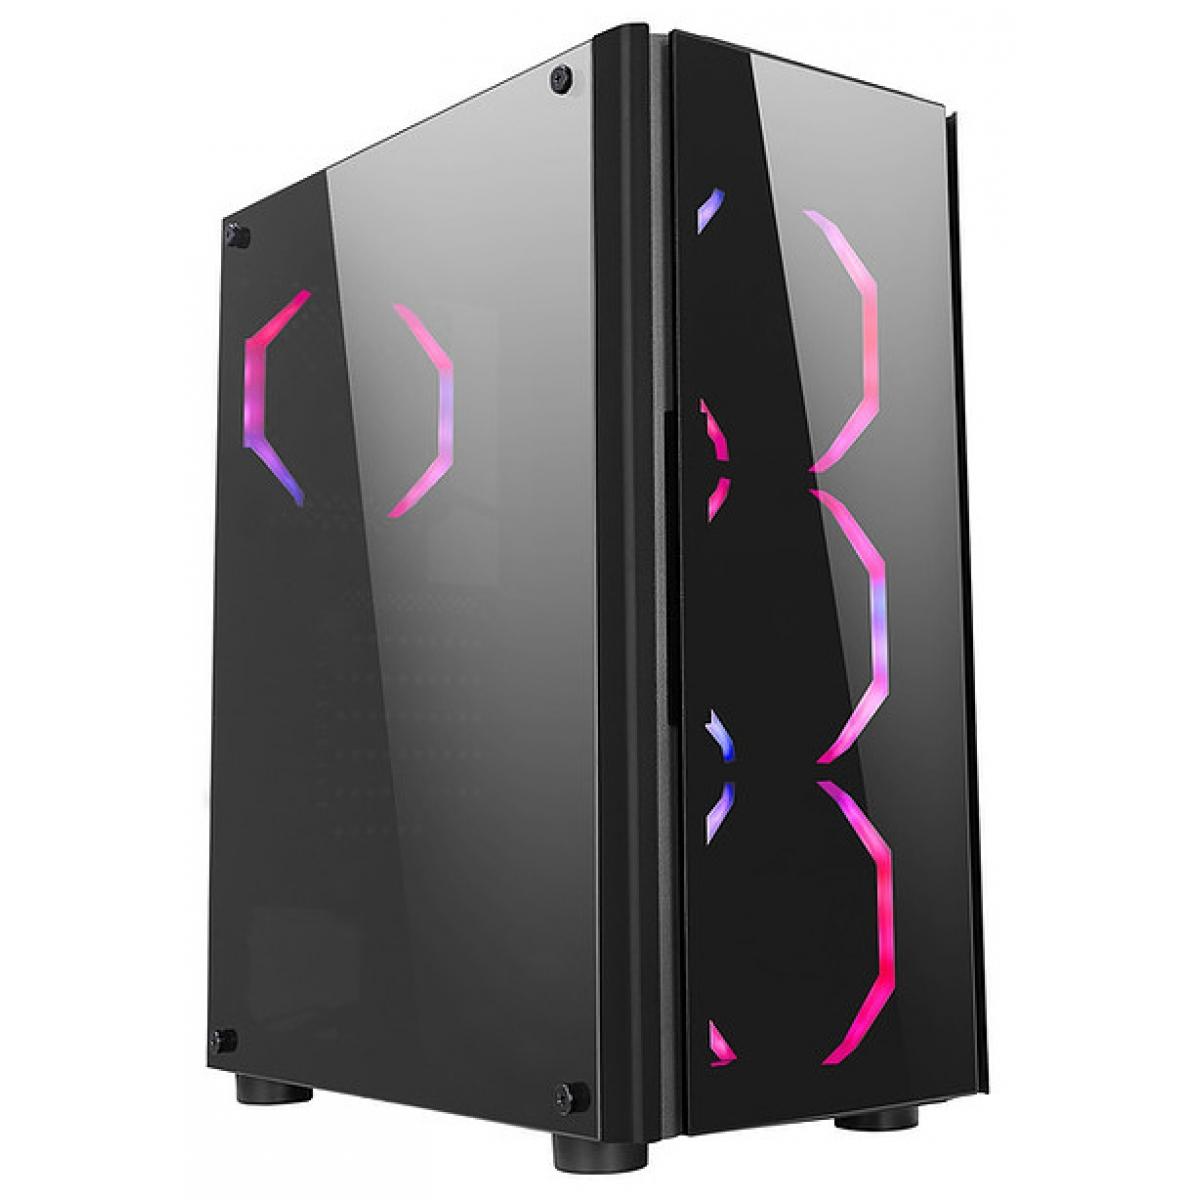 Gabinete Gamer liketec Streamer RGB, Mid Tower, com 3 Fan, Vidro Temperado, Black, S-Fonte